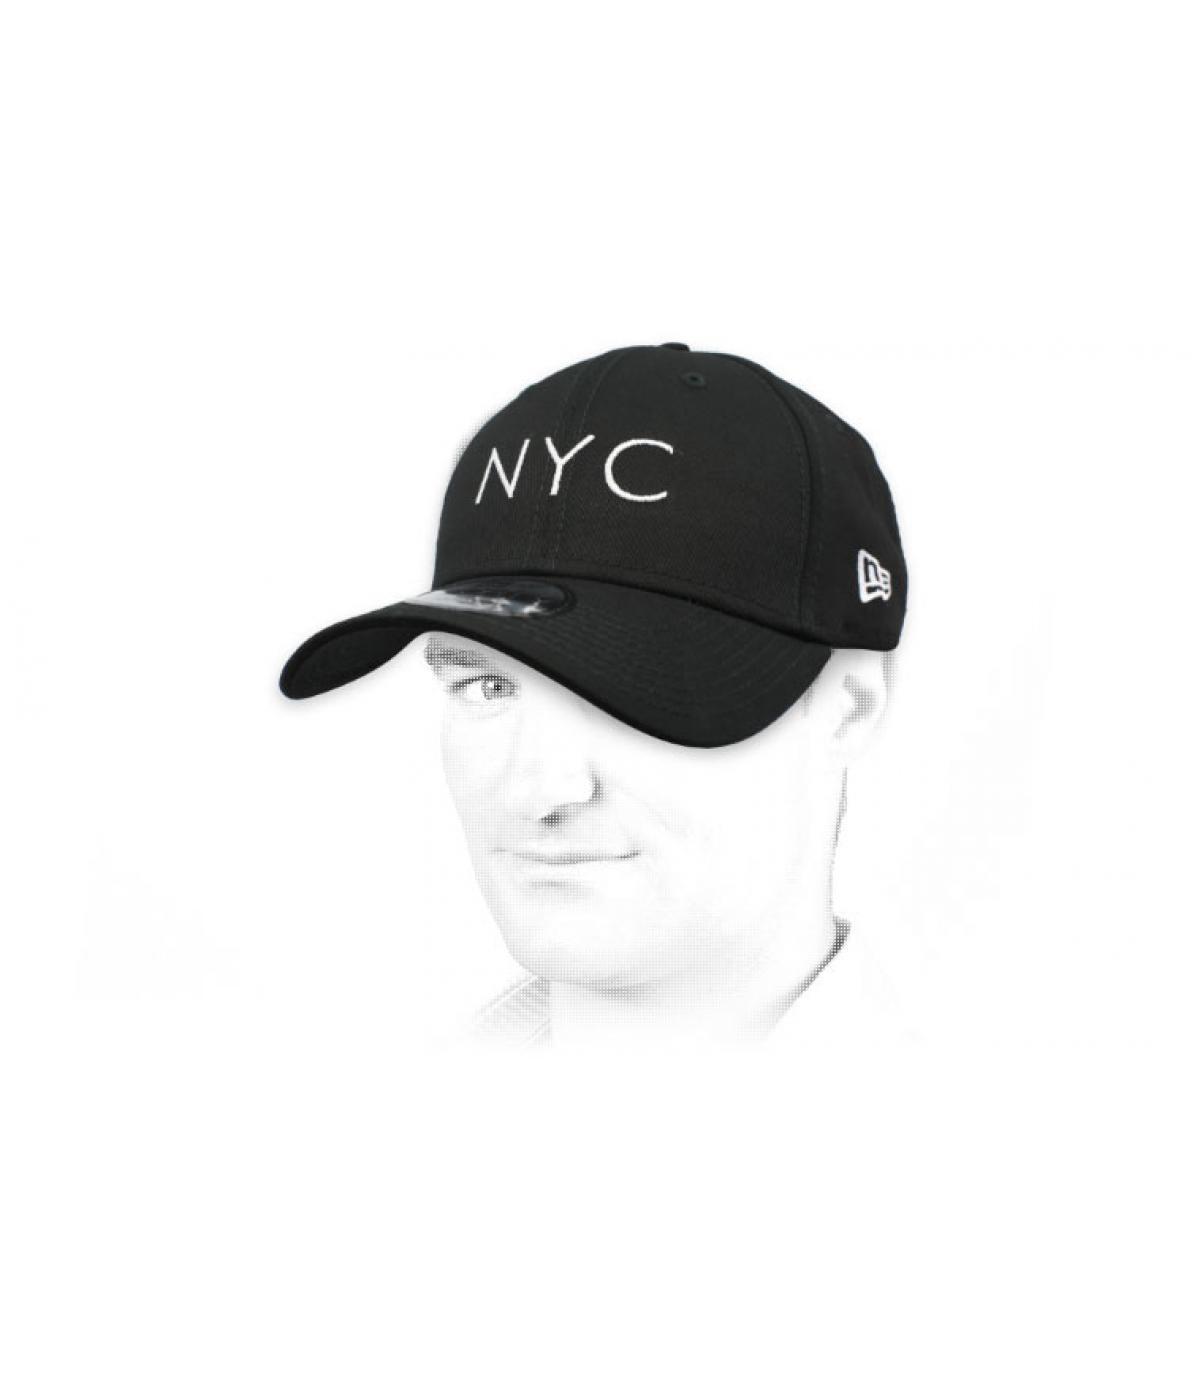 cappuccio nero di New York